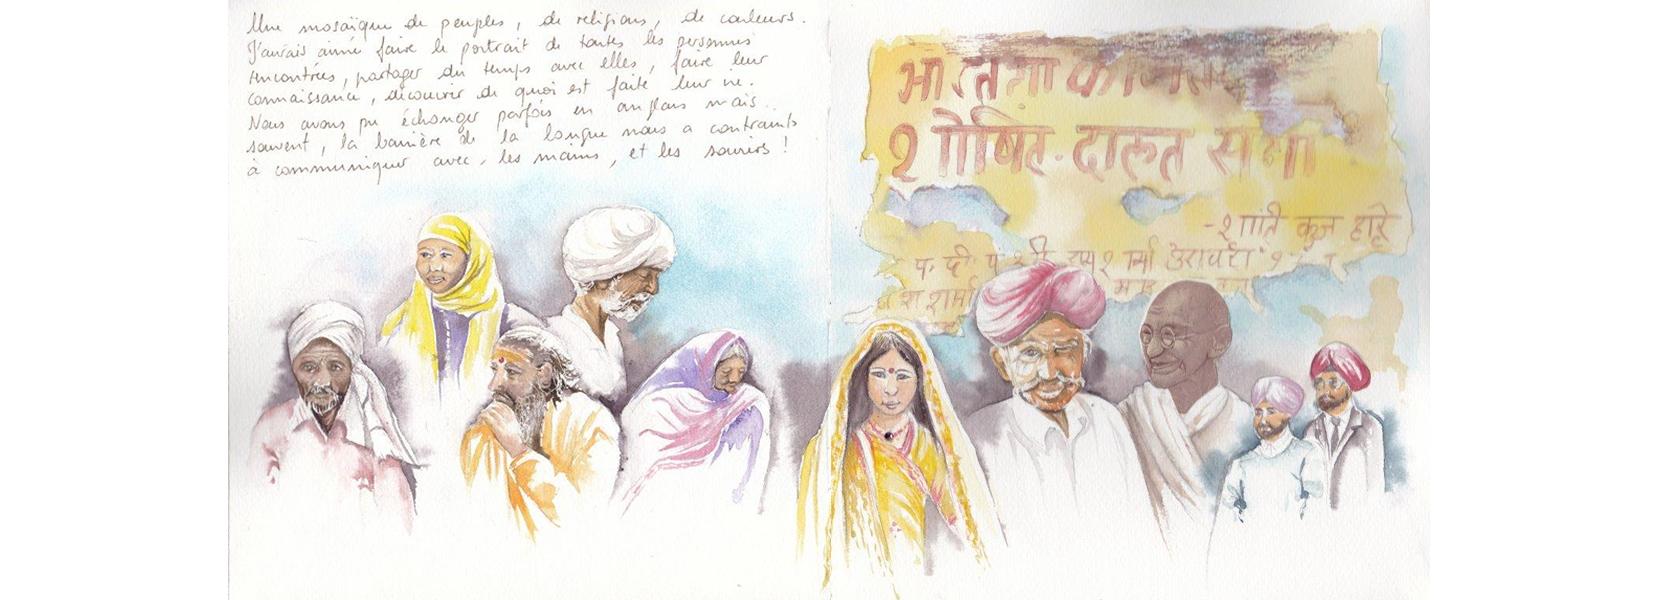 Carnet de voyage en Inde 27